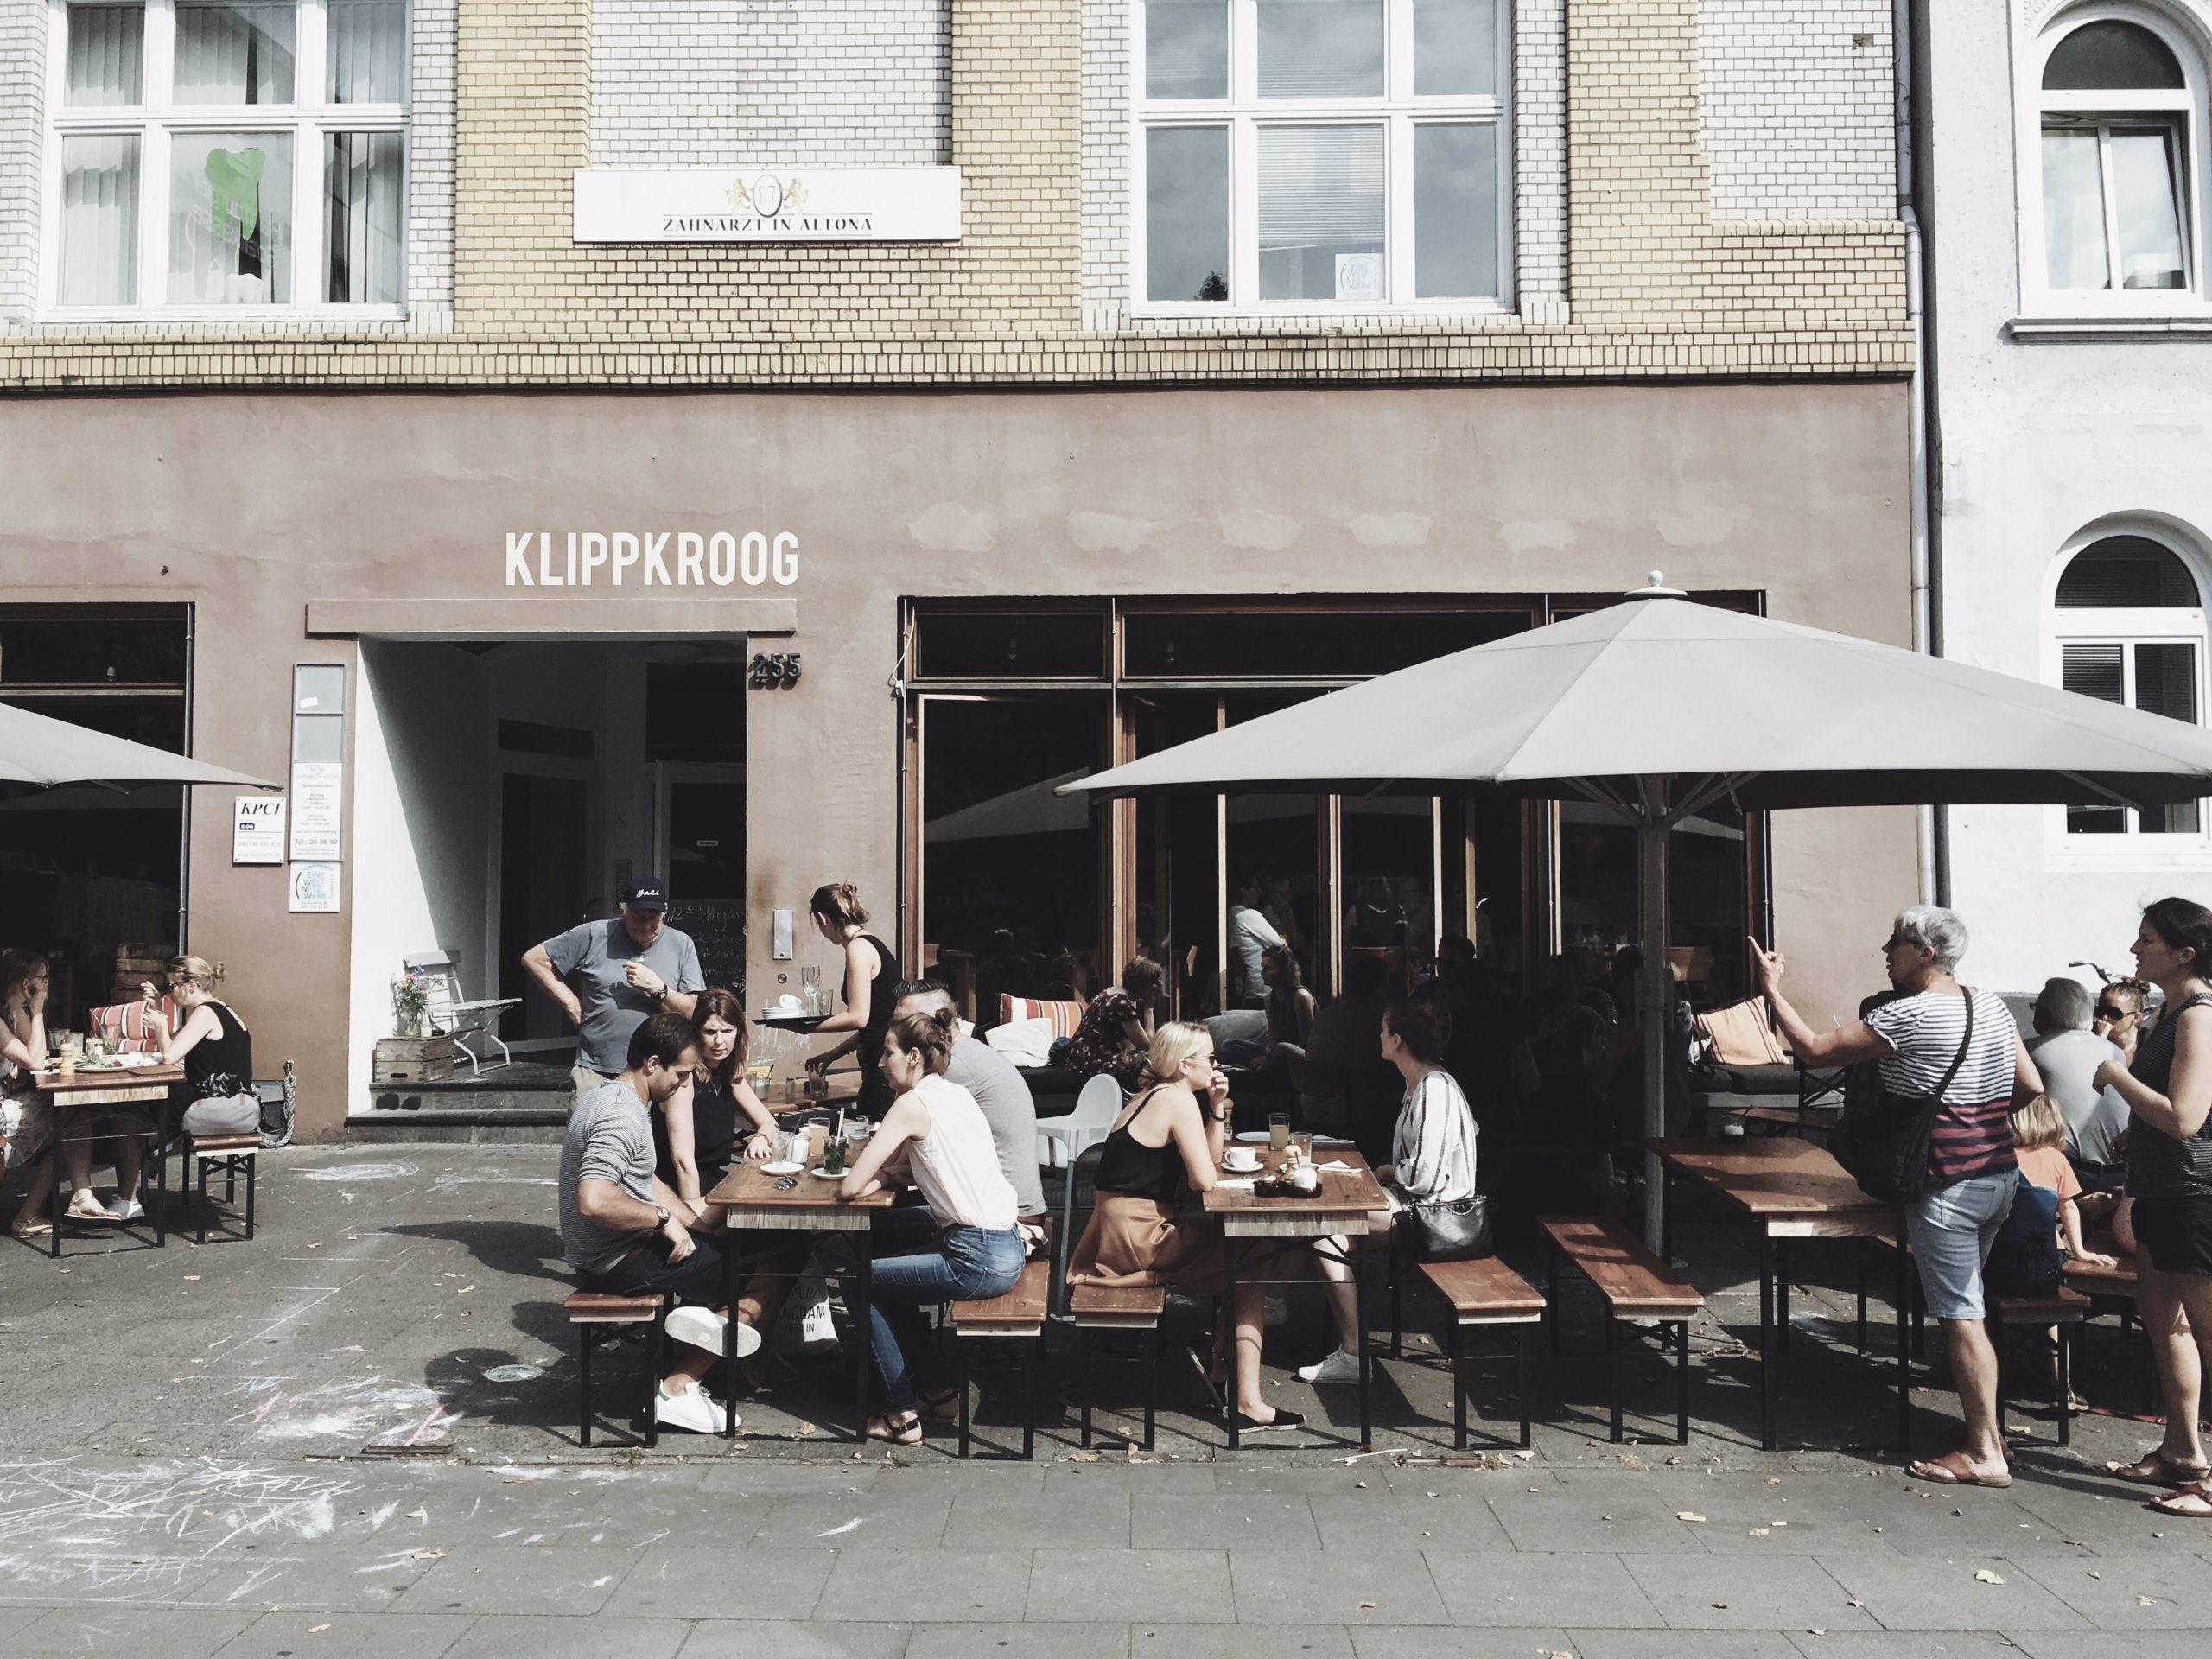 außenbereich_cafe_menschen_sitzen_mobiles_arbeiten